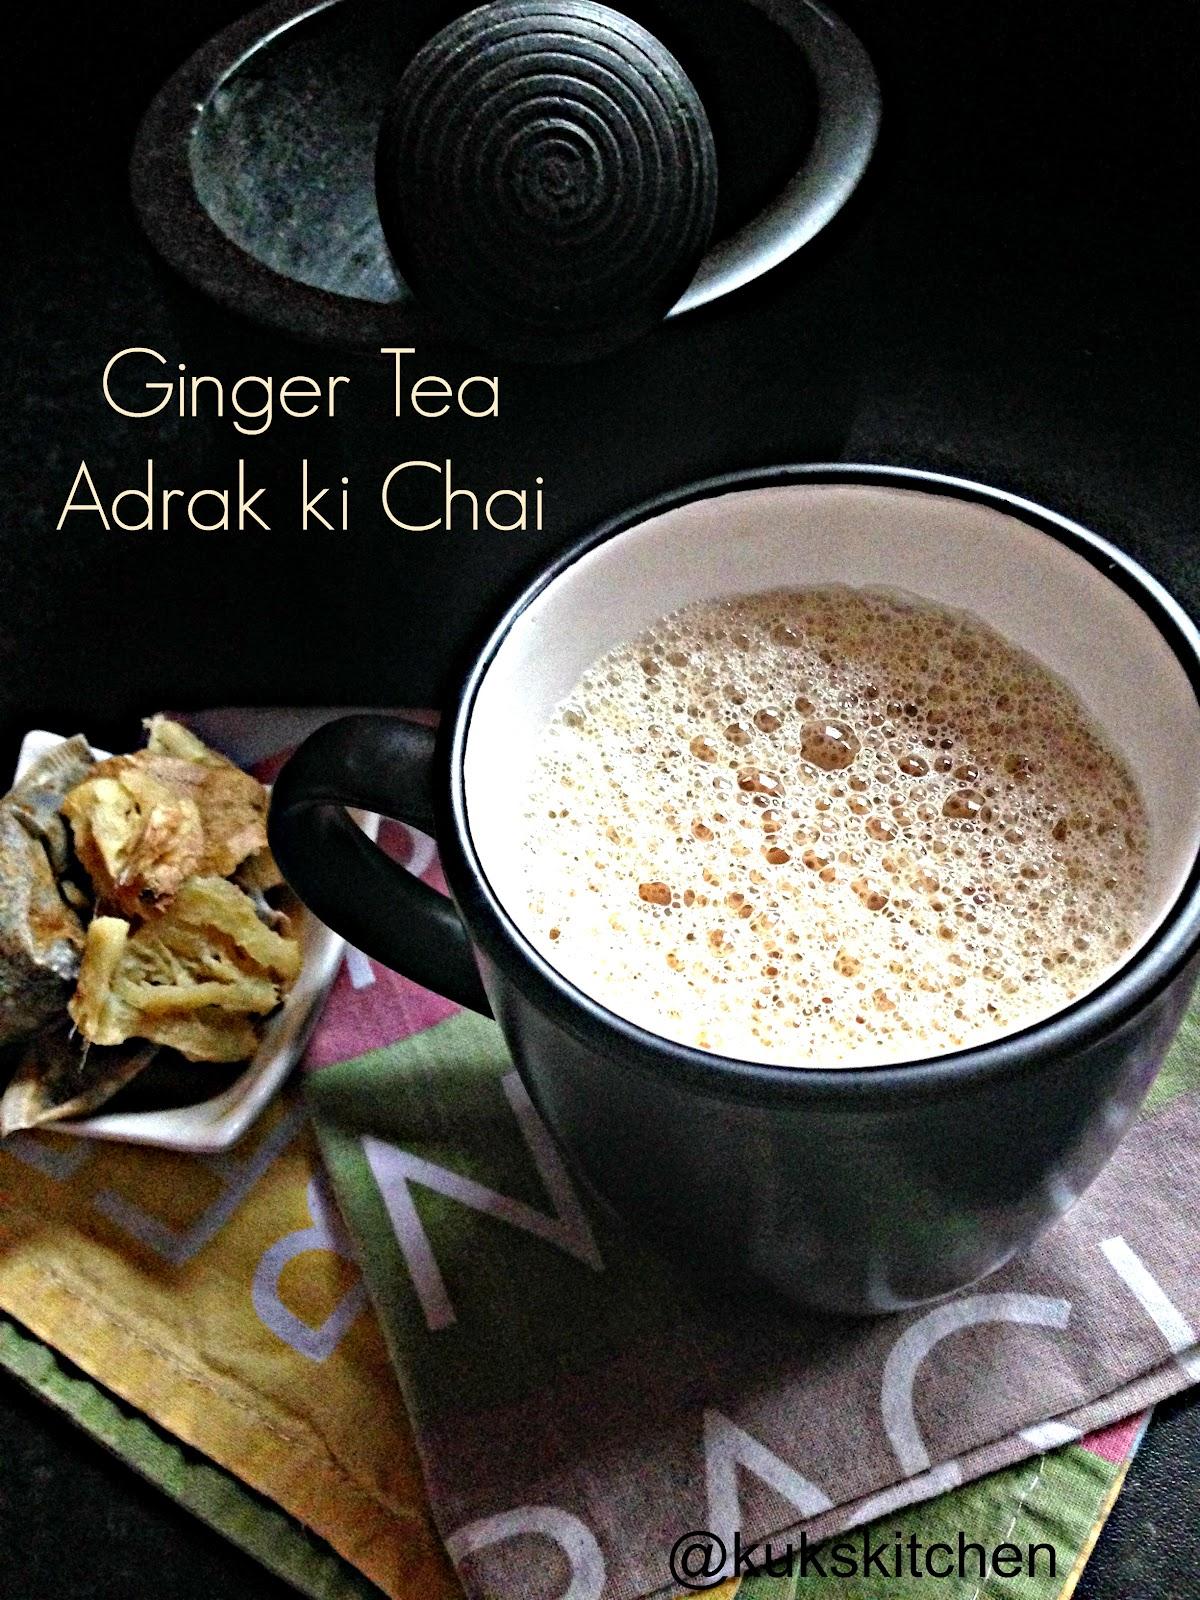 Ginger tea  |  Adrak ki chai  | Kukskitchen